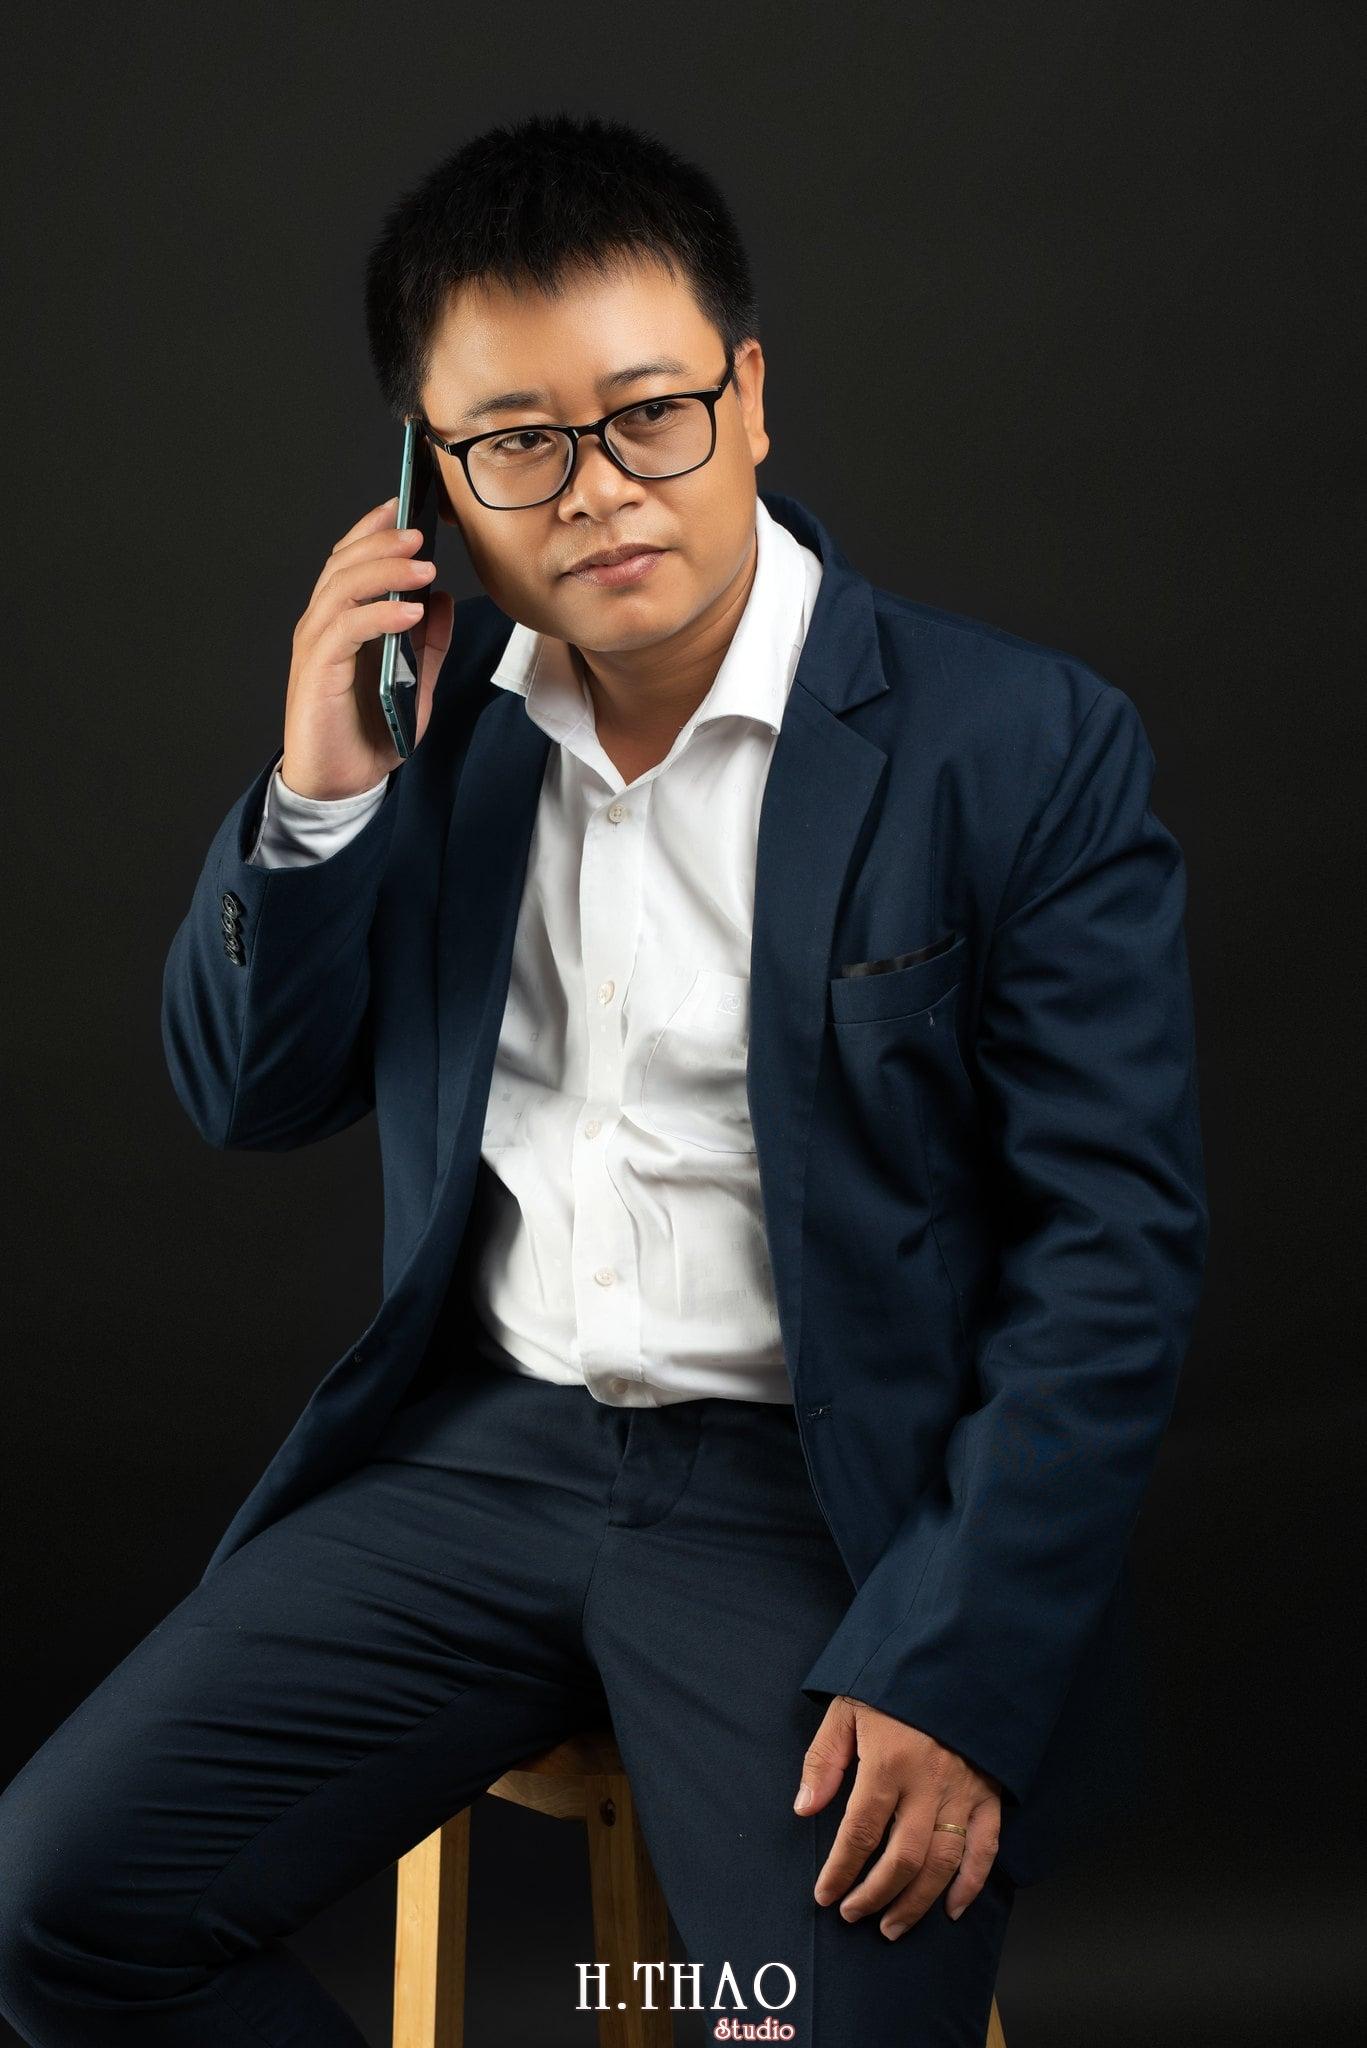 Anh Hoang 12 min - Album ảnh giám đốc Hoàng VIB lịch lãm - HThao Studio